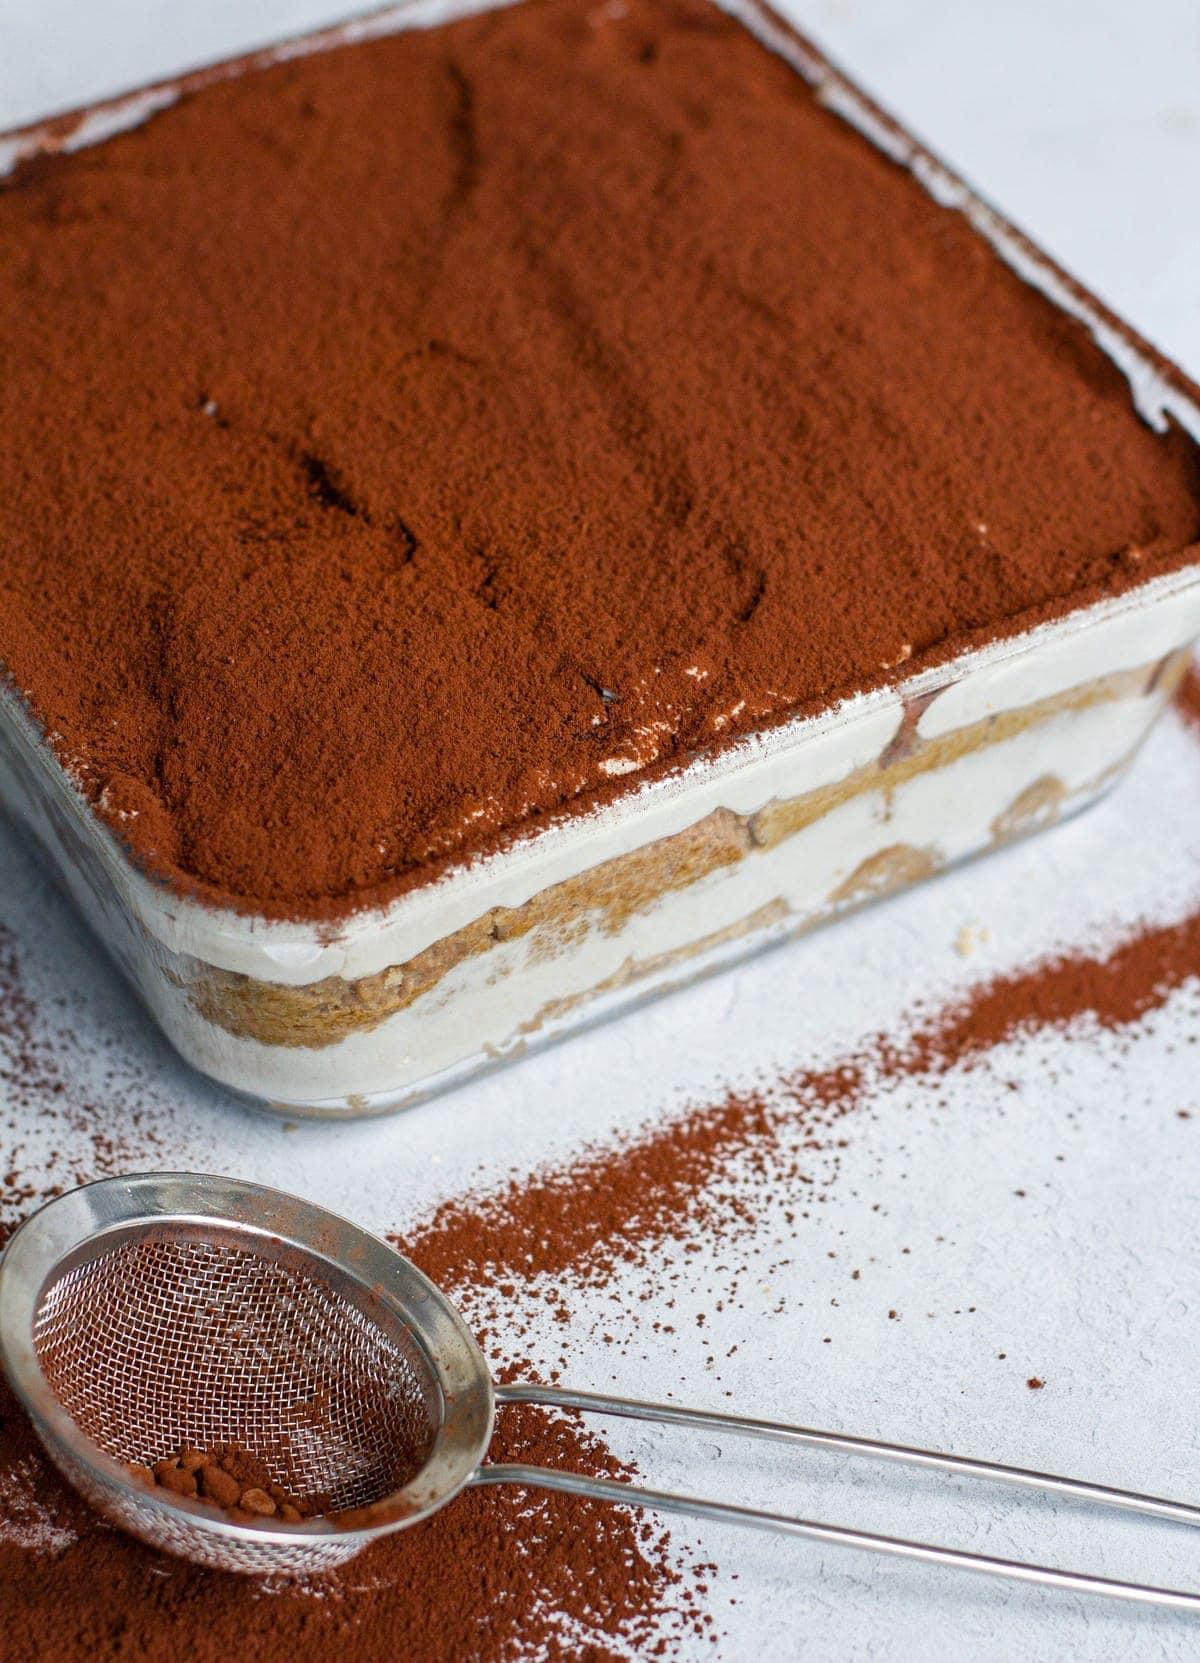 Schichtdessert mit Kakaopulver in Aulaufform aus Glas